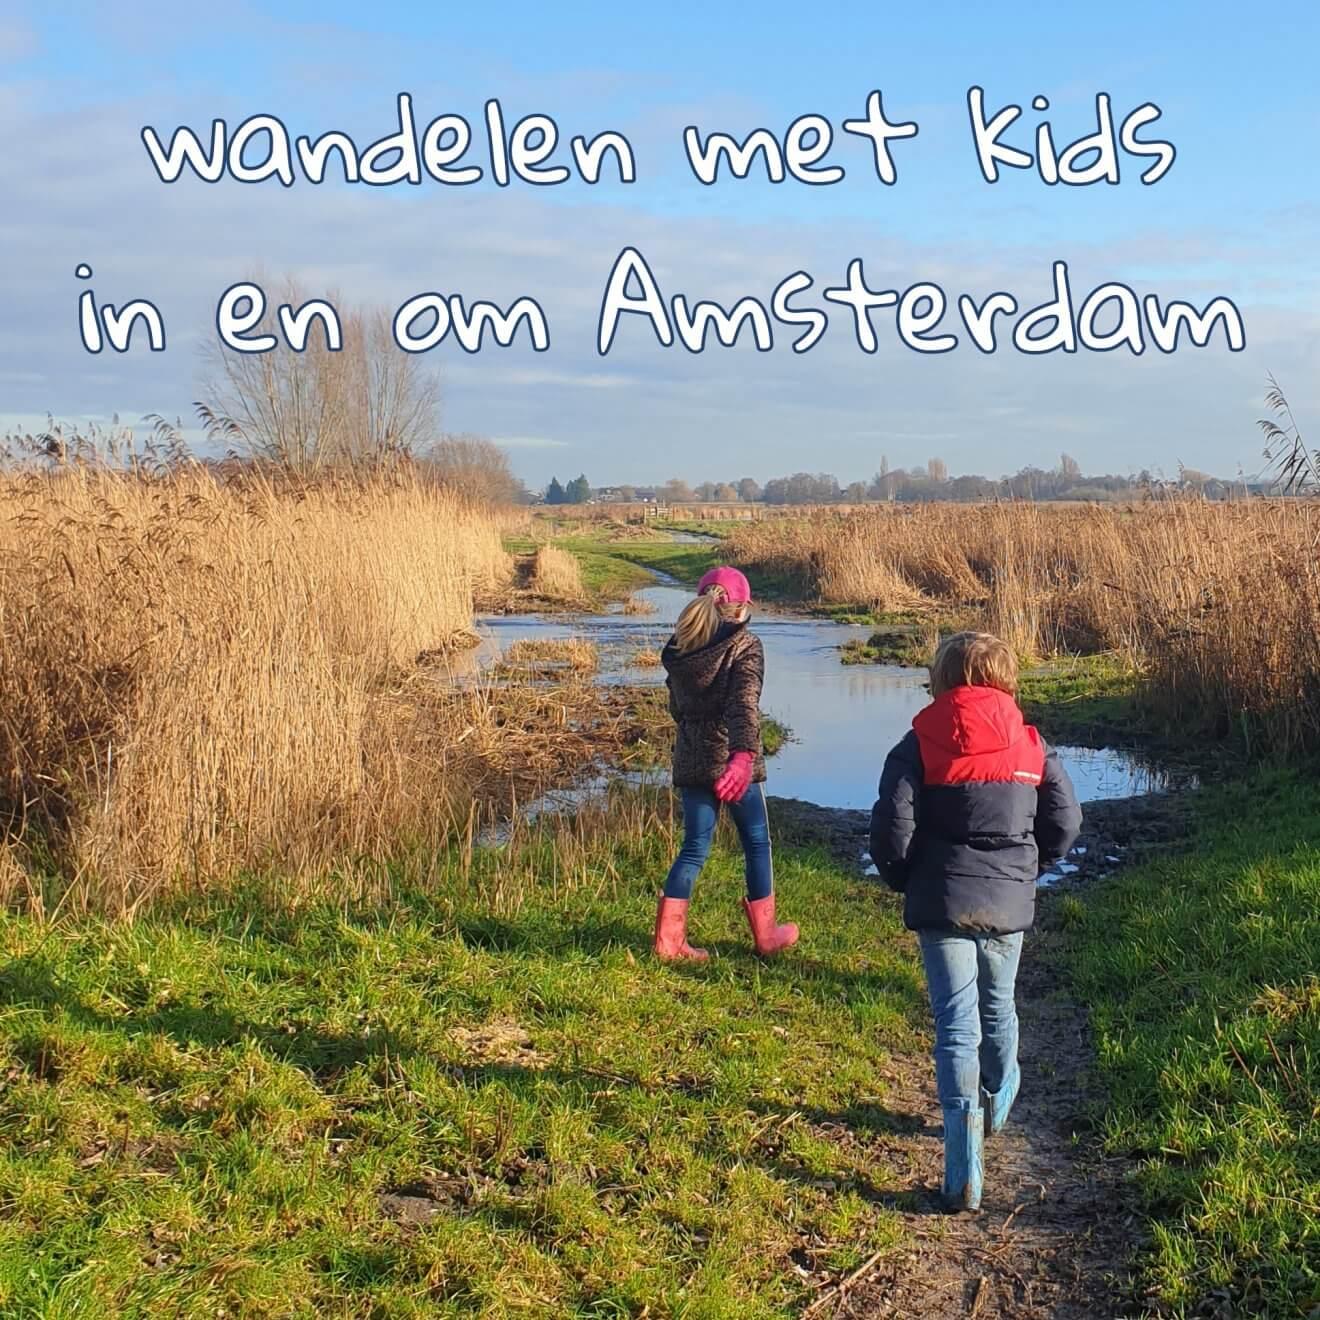 Wandelen met kinderen in de buurt van Amsterdam plekken met speeltuin